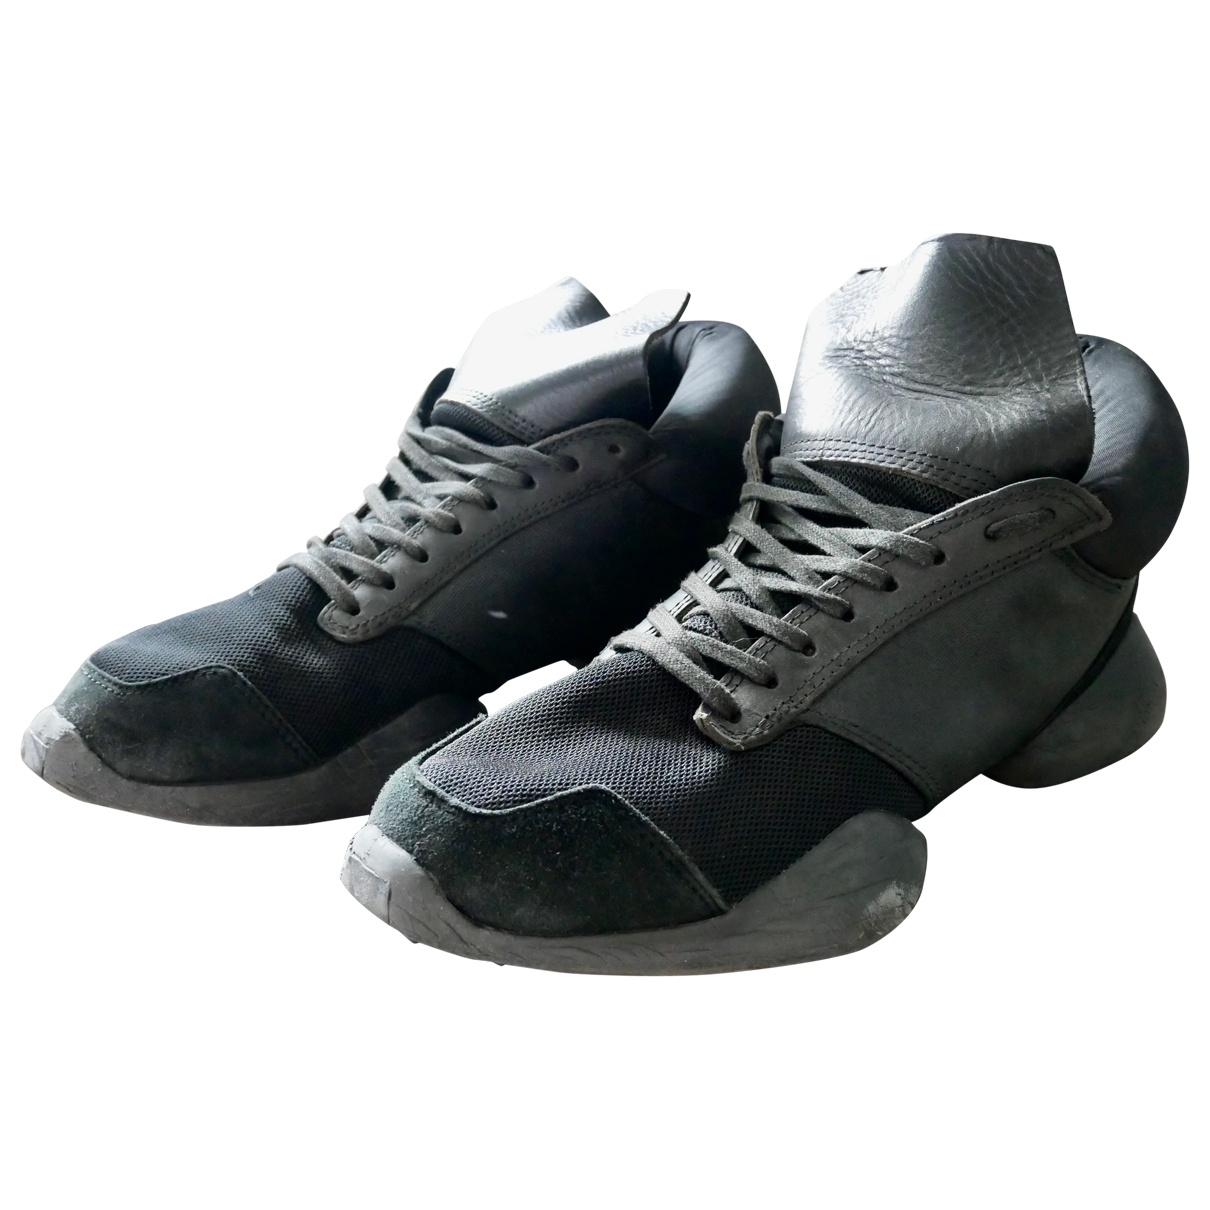 Adidas & Rick Owens - Baskets   pour homme en toile - noir